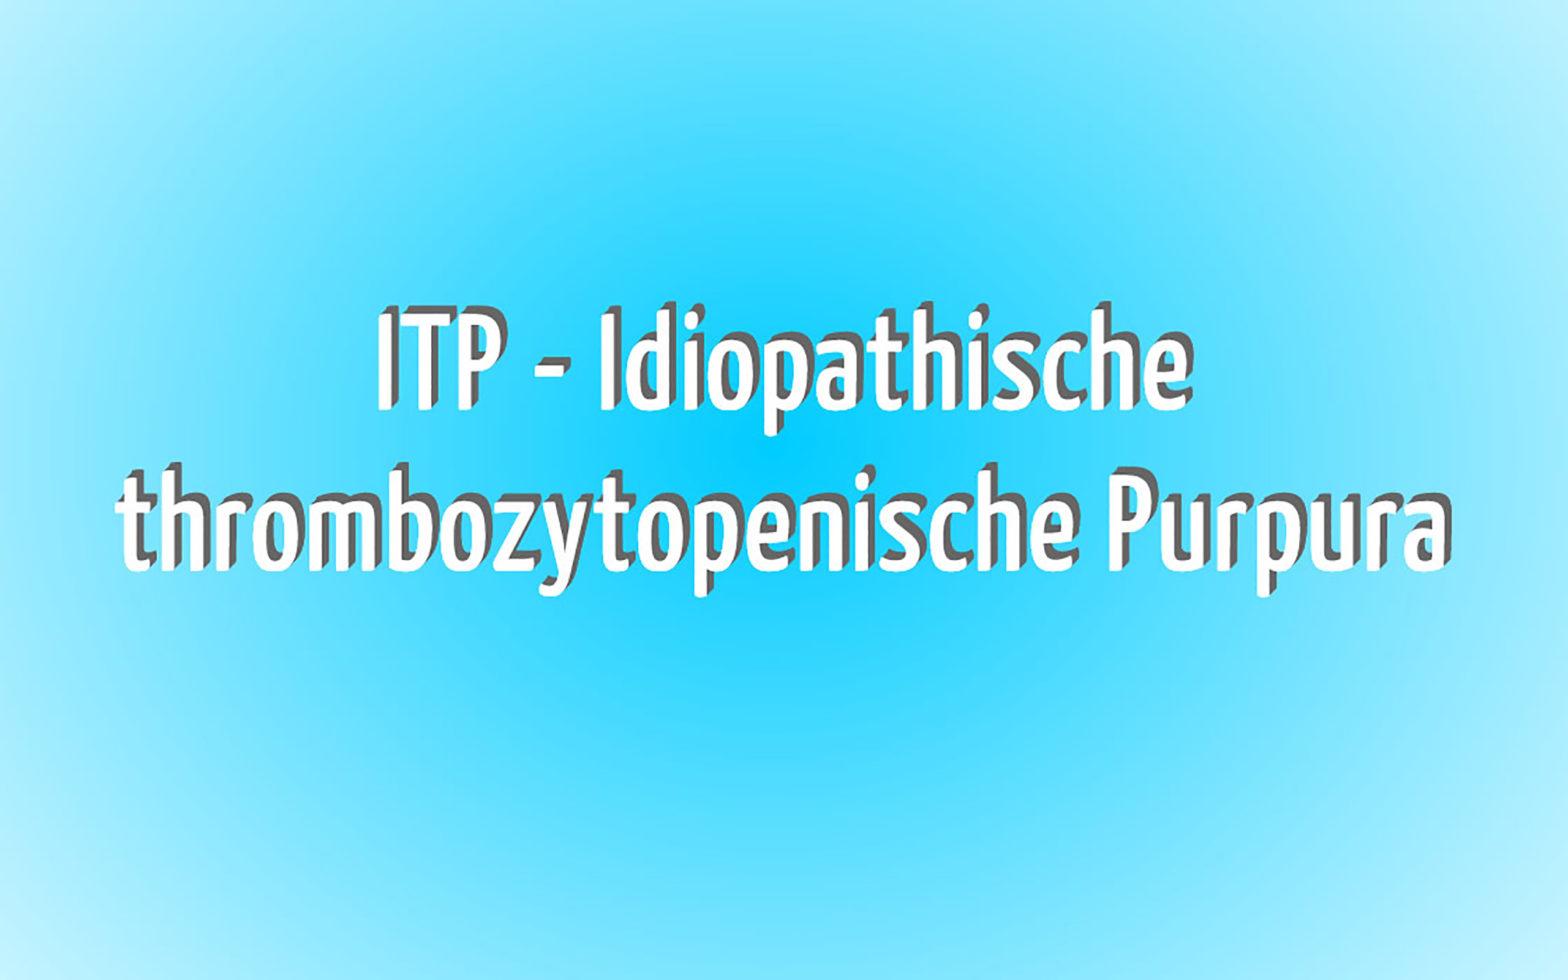 ITP - Idiopathische Thrombozytopenie